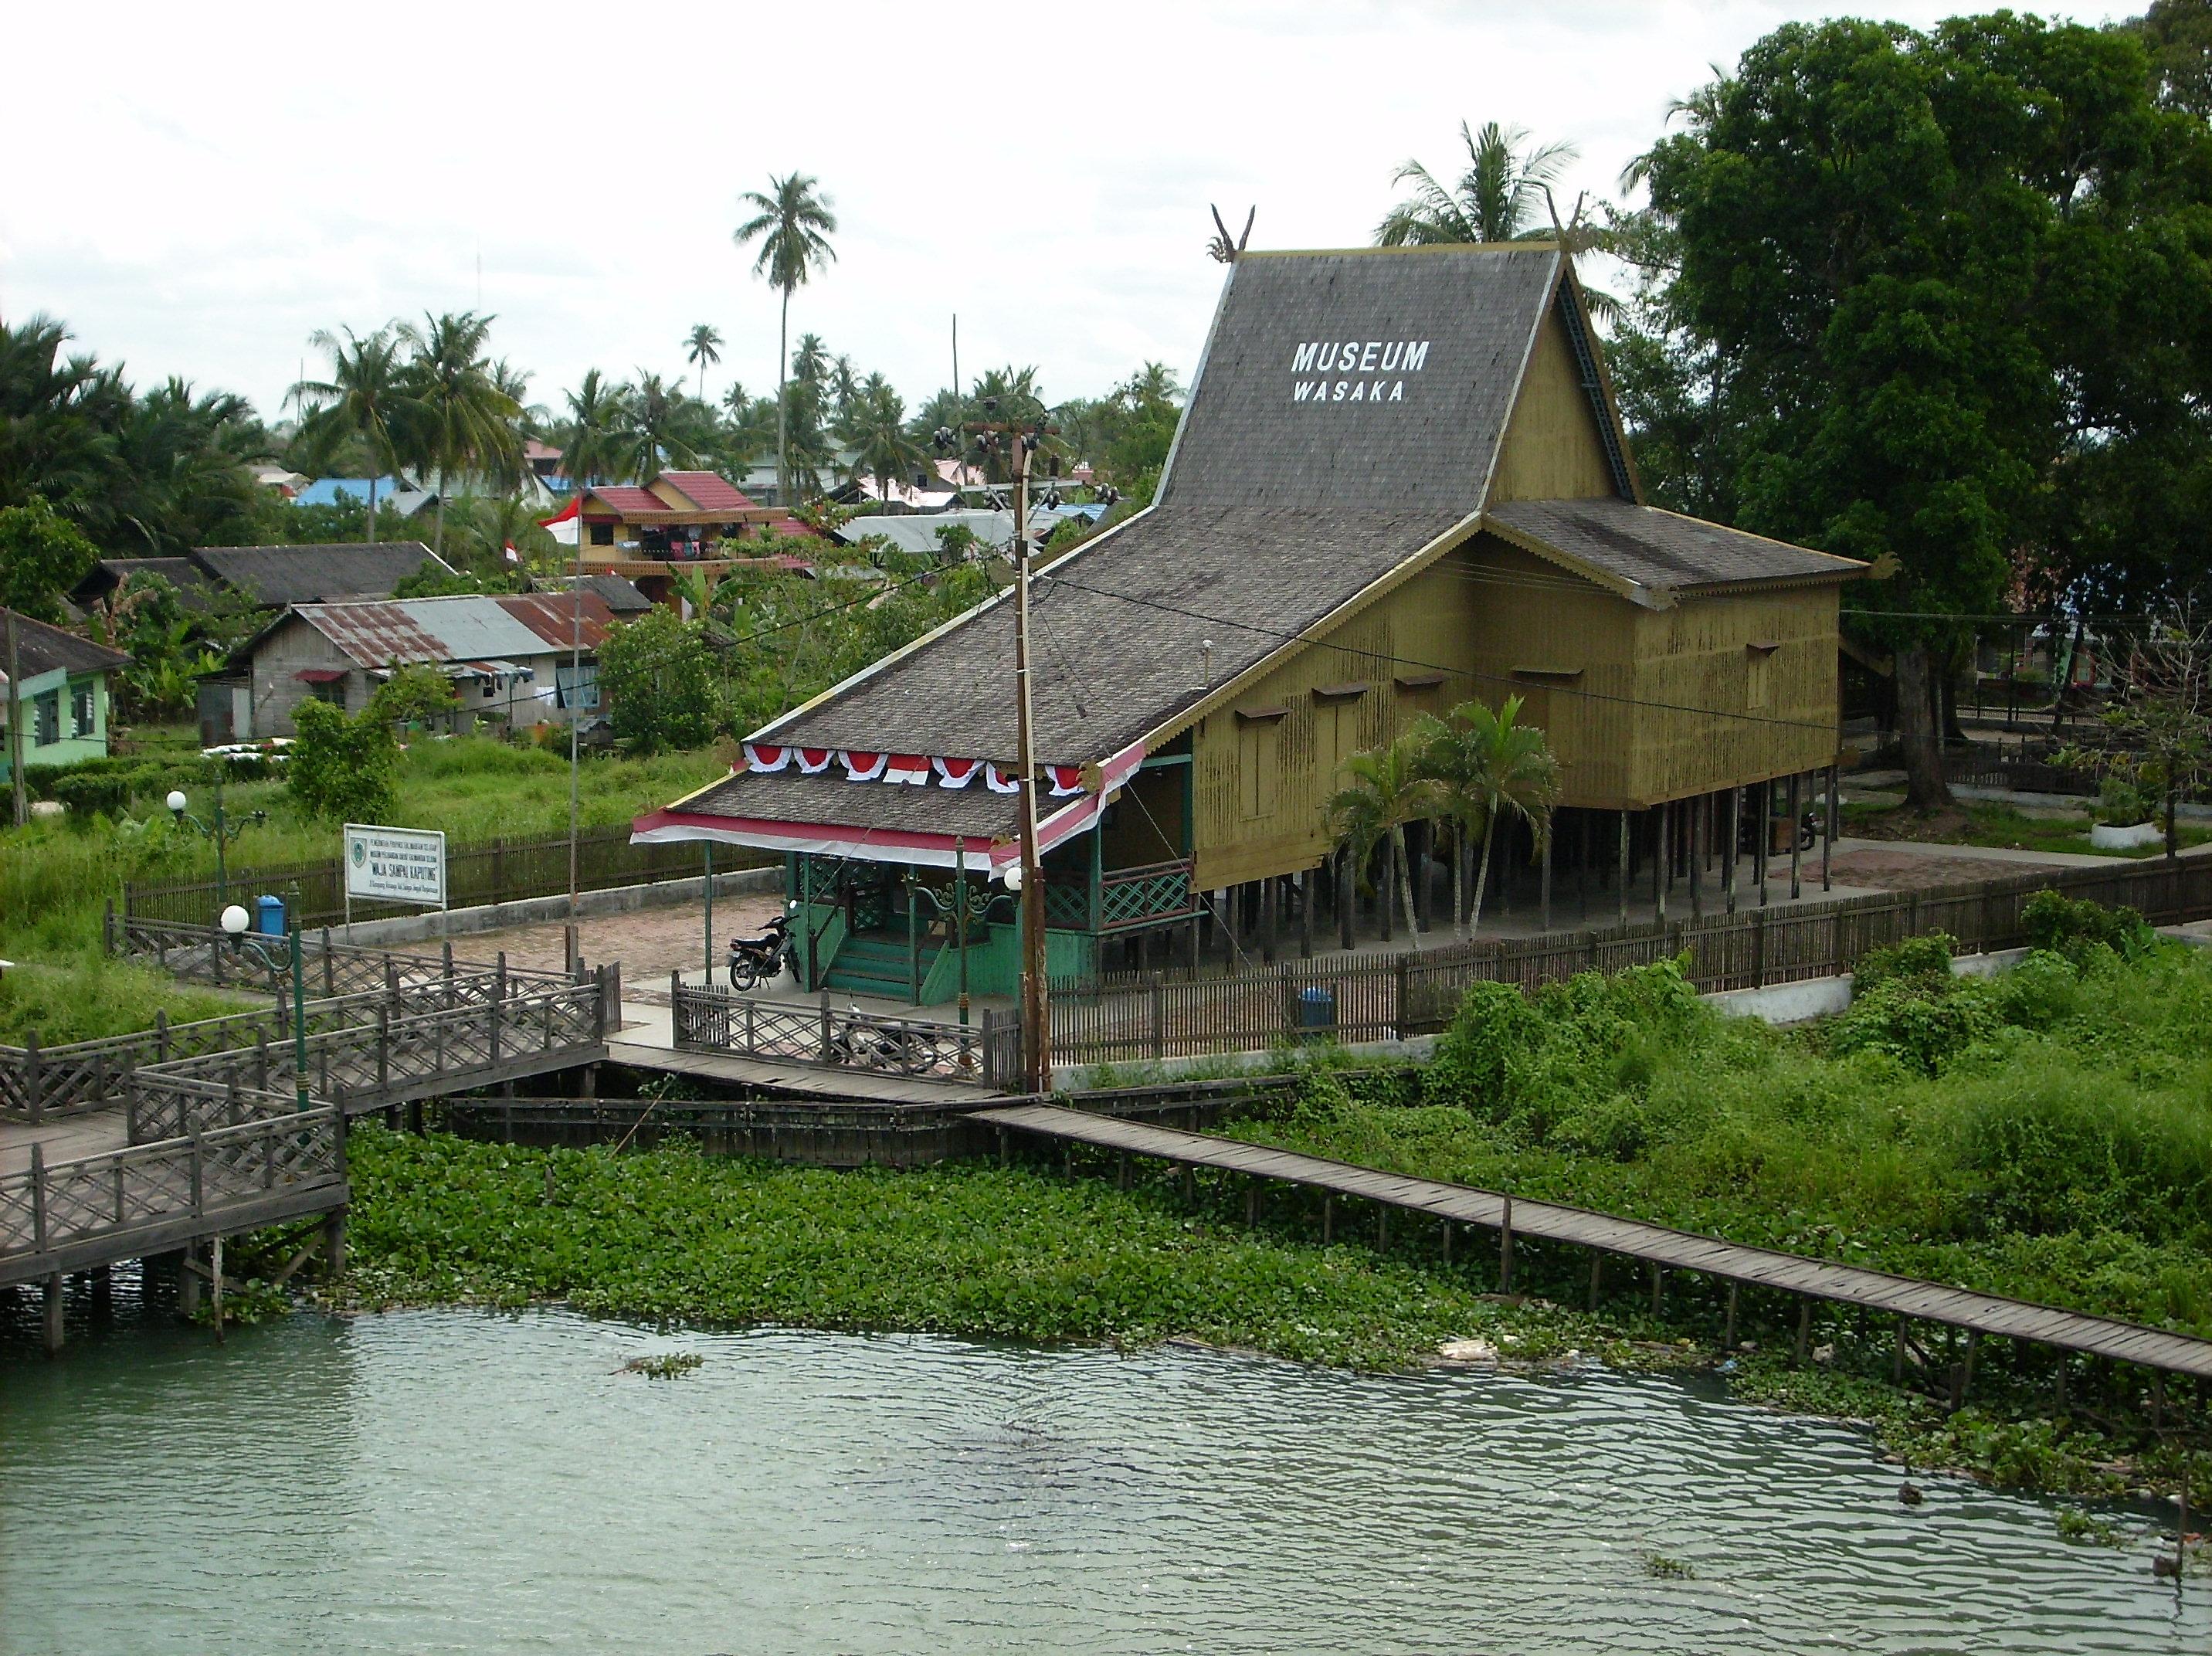 Lintas Kalimantan Selatan Sejarah Pemerintahan Museum Wasaka Kab Banjarmasin